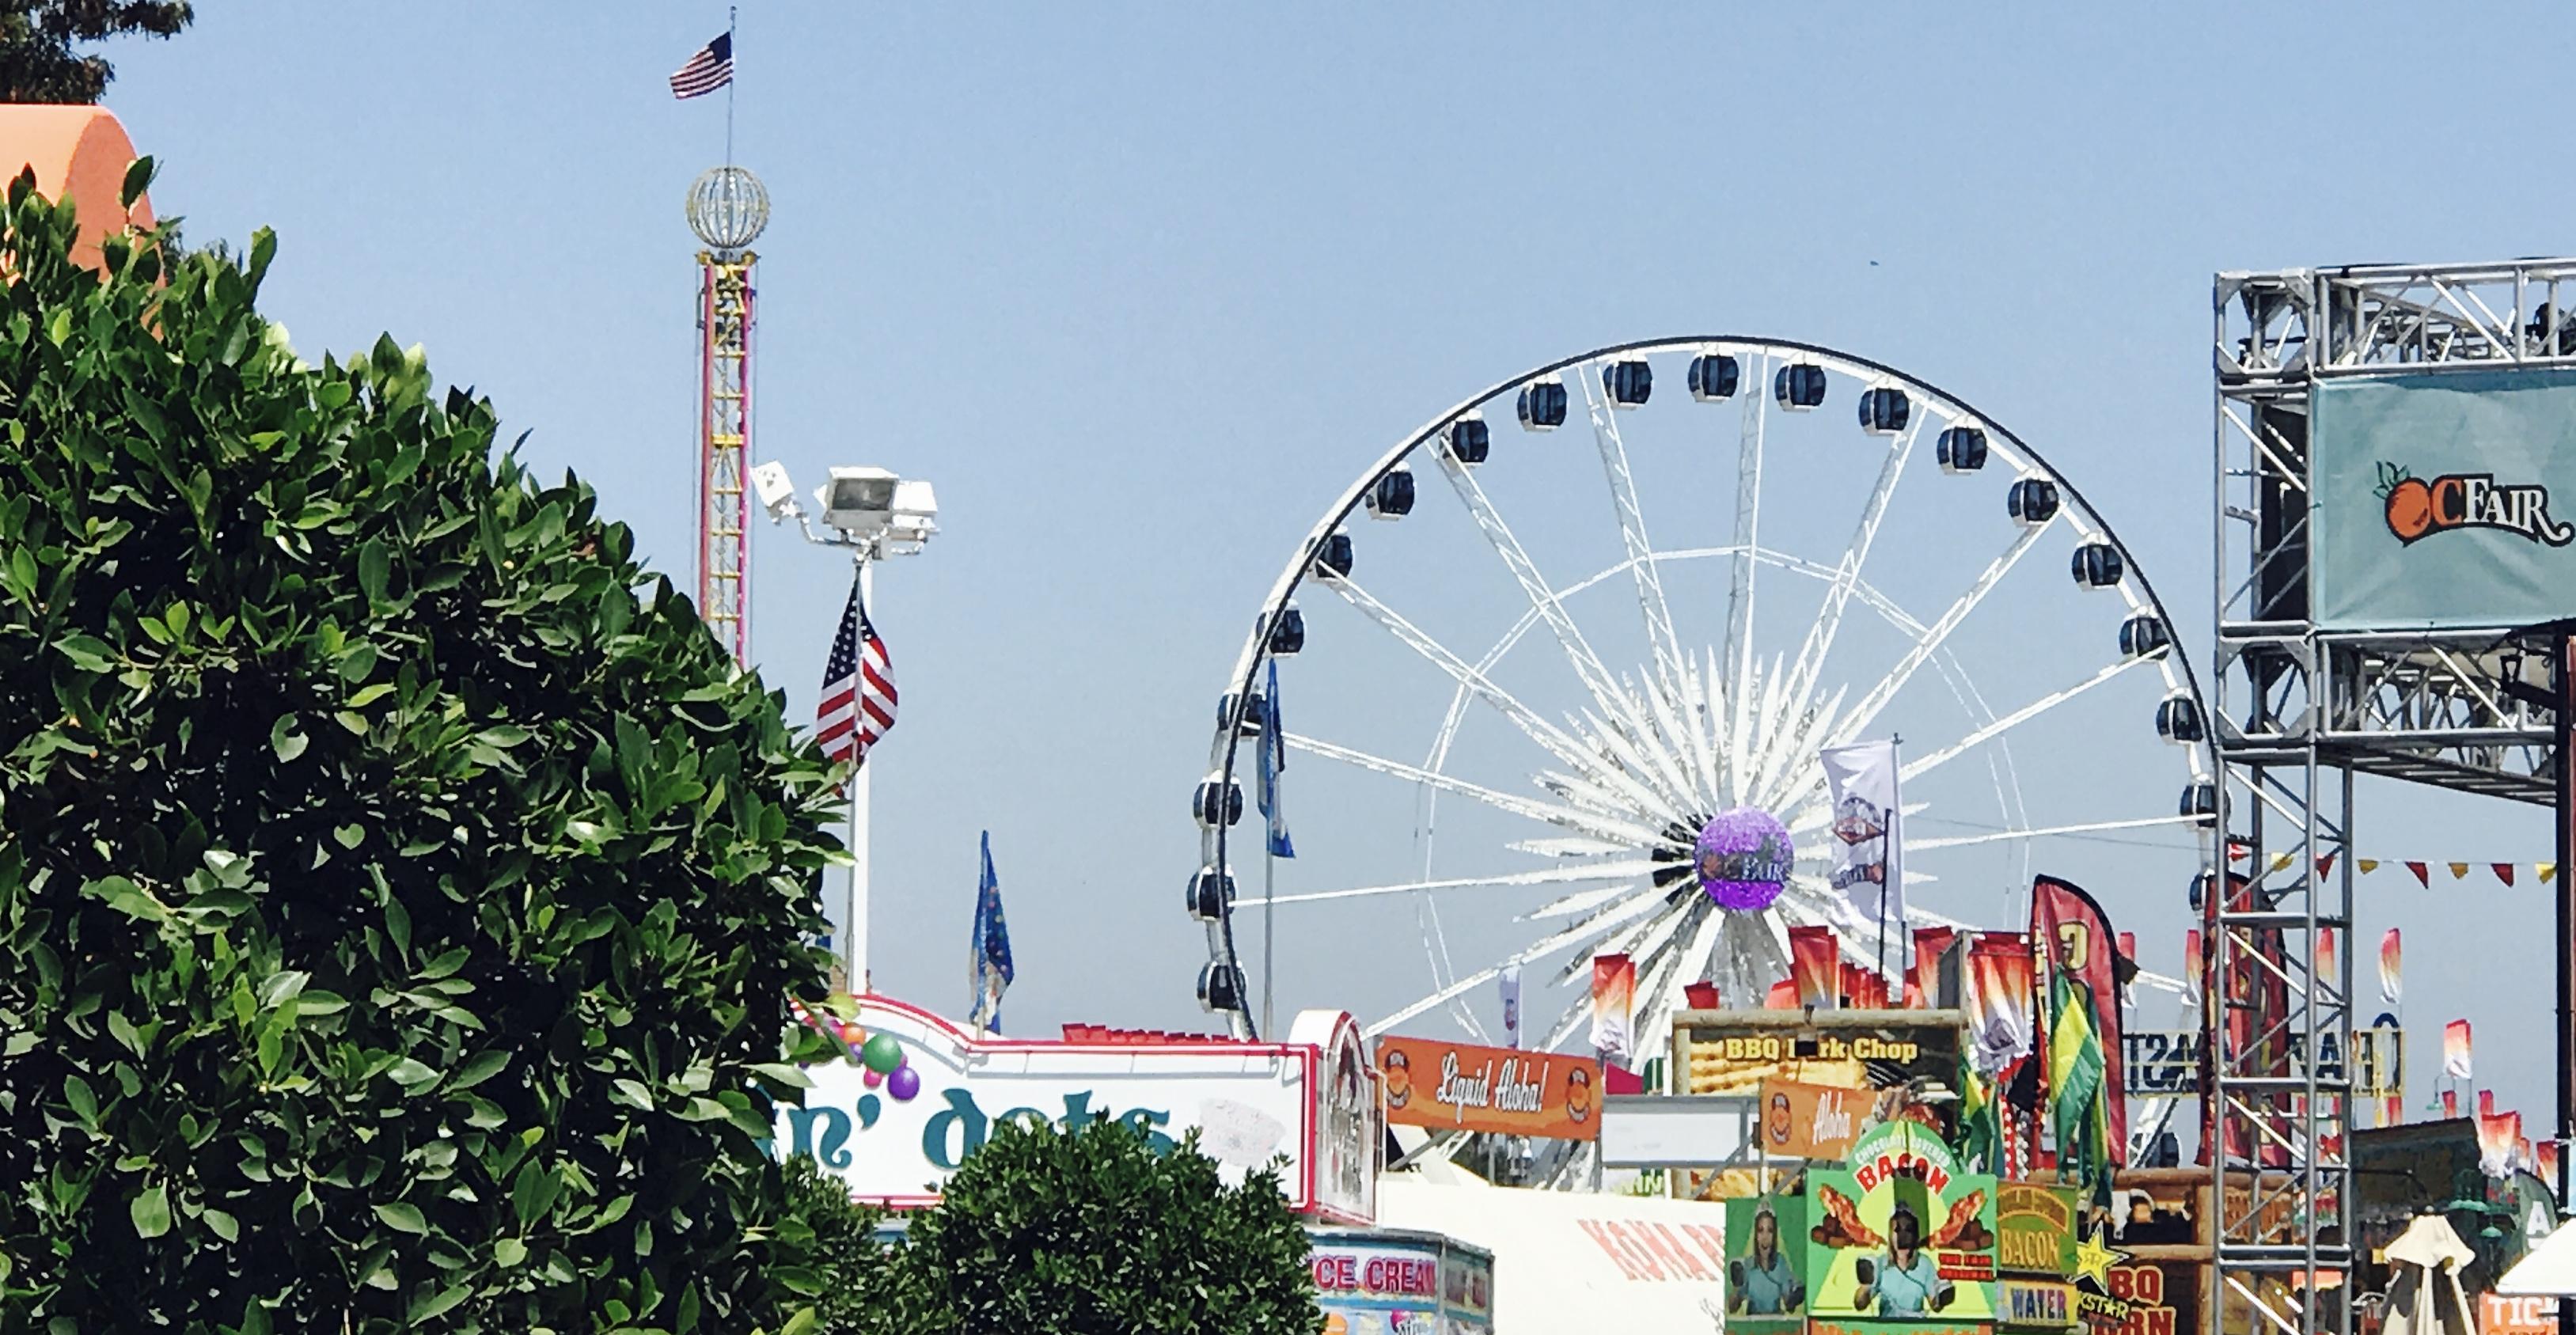 Oc fair dates in Brisbane